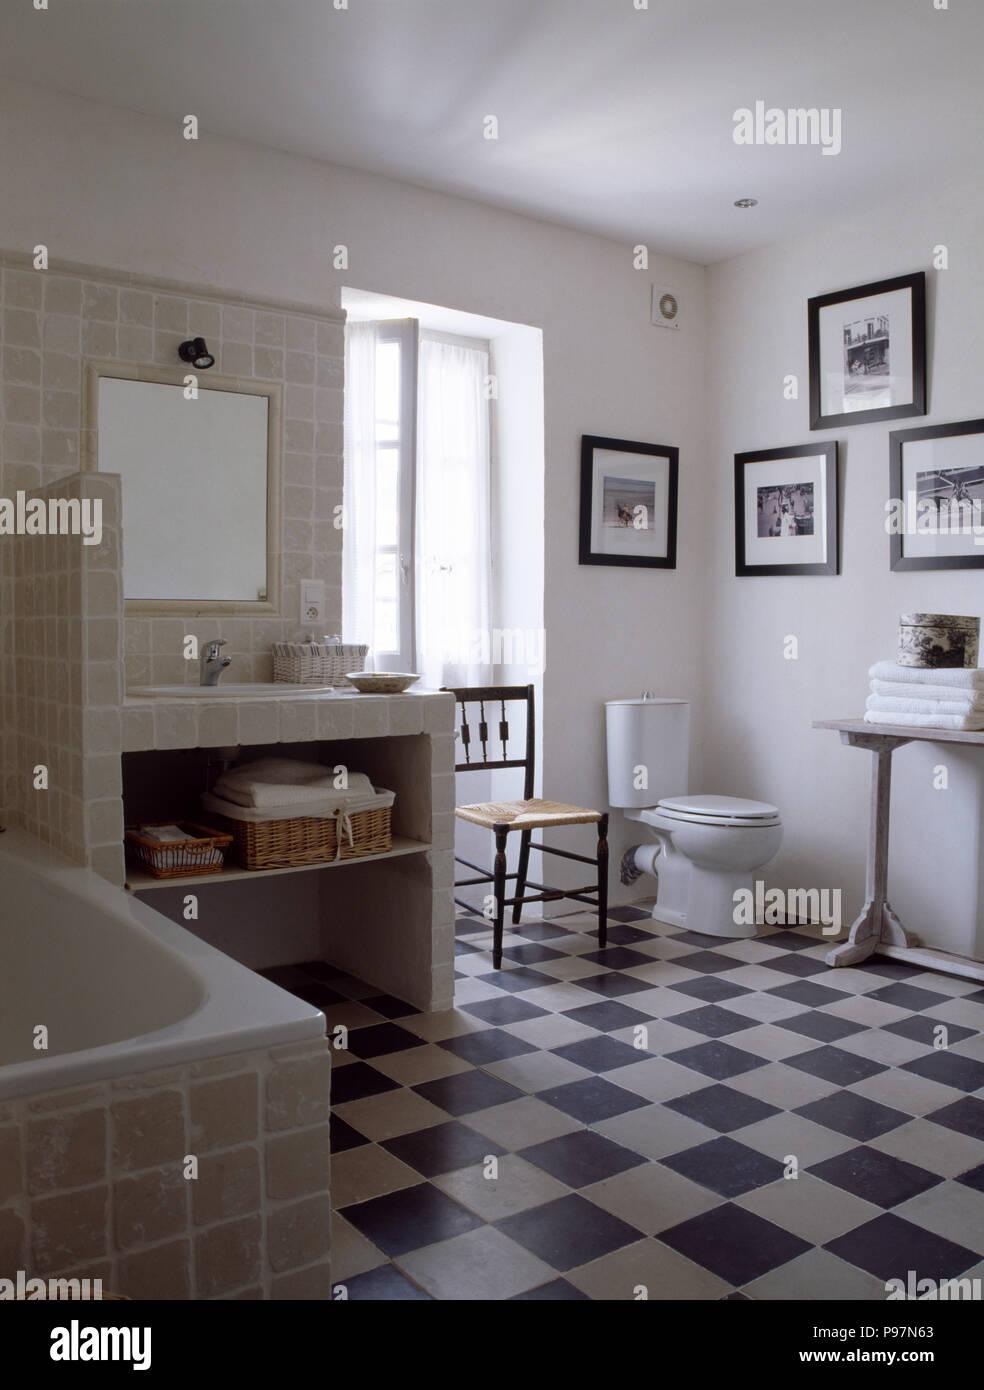 Schwarz + Weiß Checkrboard Stock In Weiß Provenzalischen Badezimmer Mit  Modernen Fliesen Waschtisch